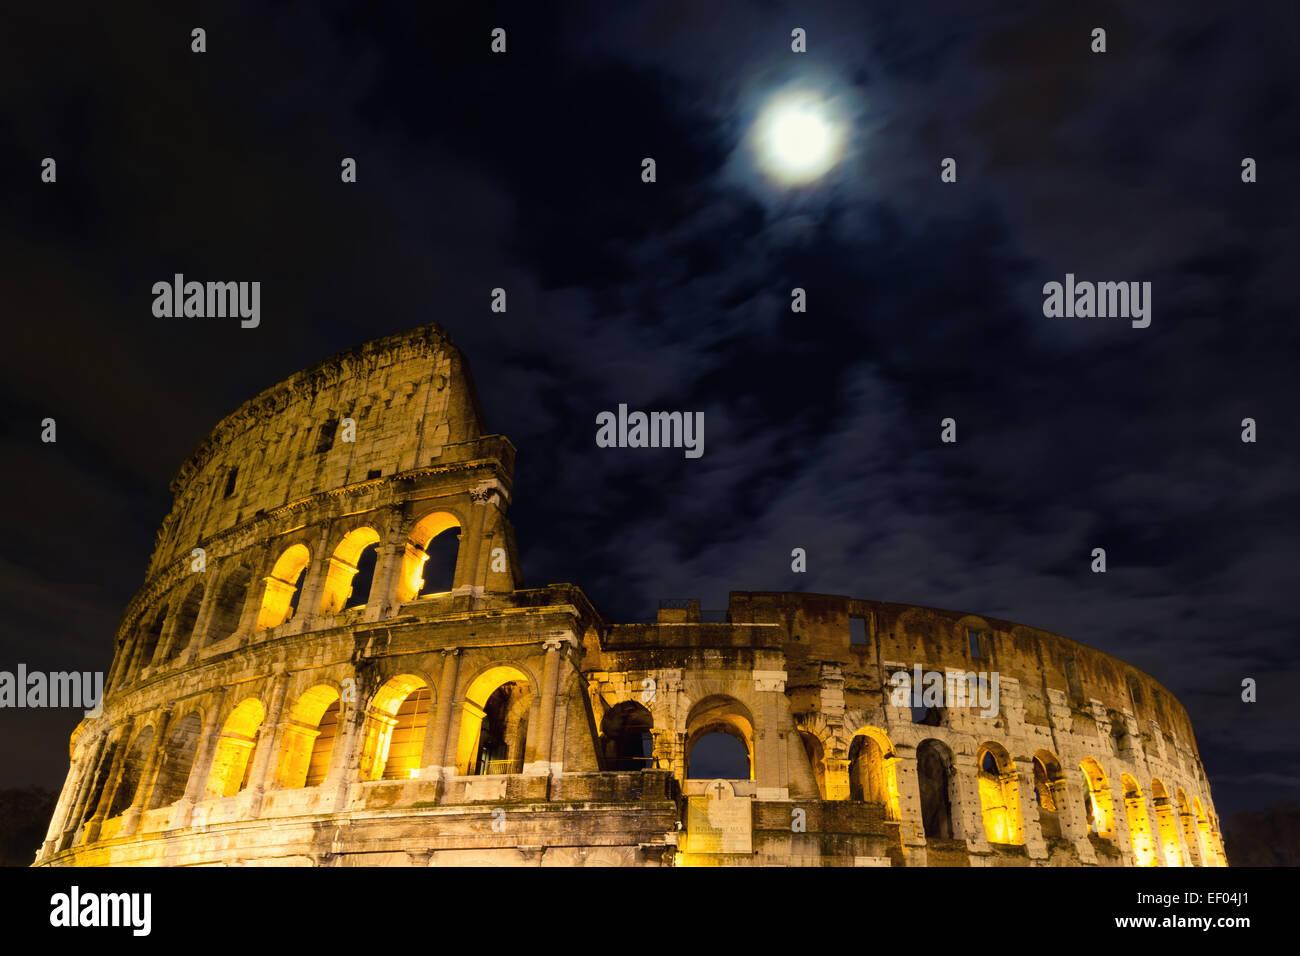 Le colisée sous la pleine lune, Rome, Italie Photo Stock